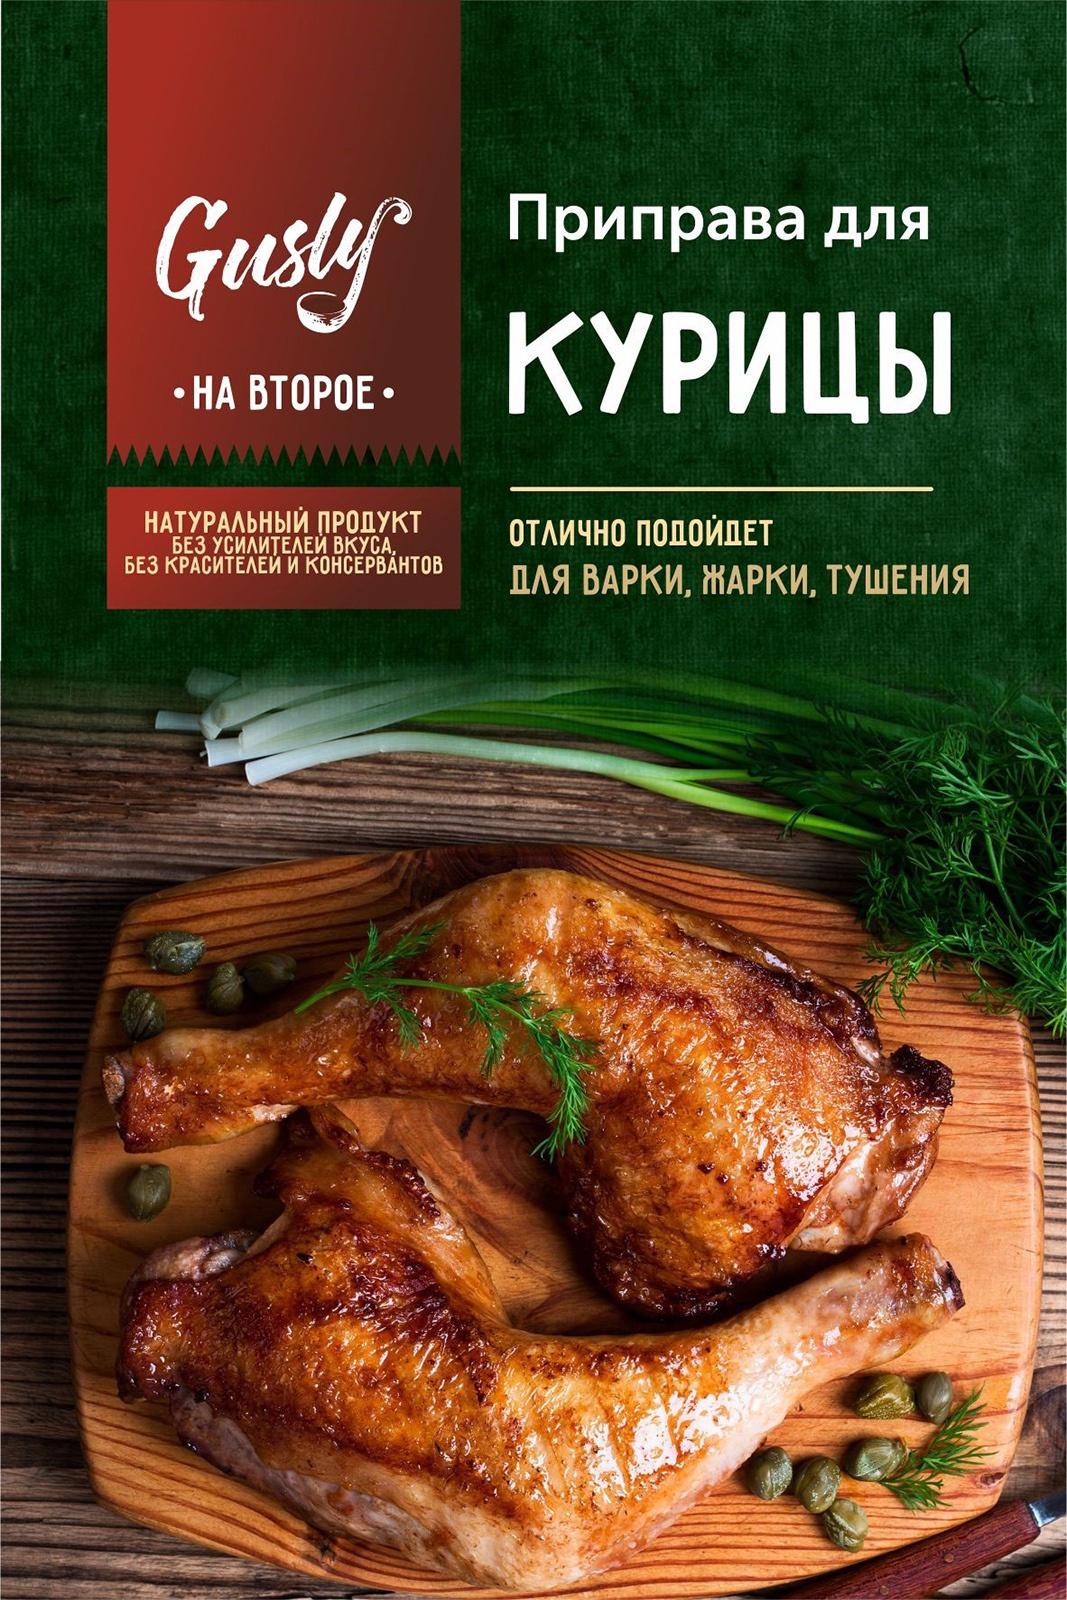 Приправа для курицы Gusly приправа для курицы gusly